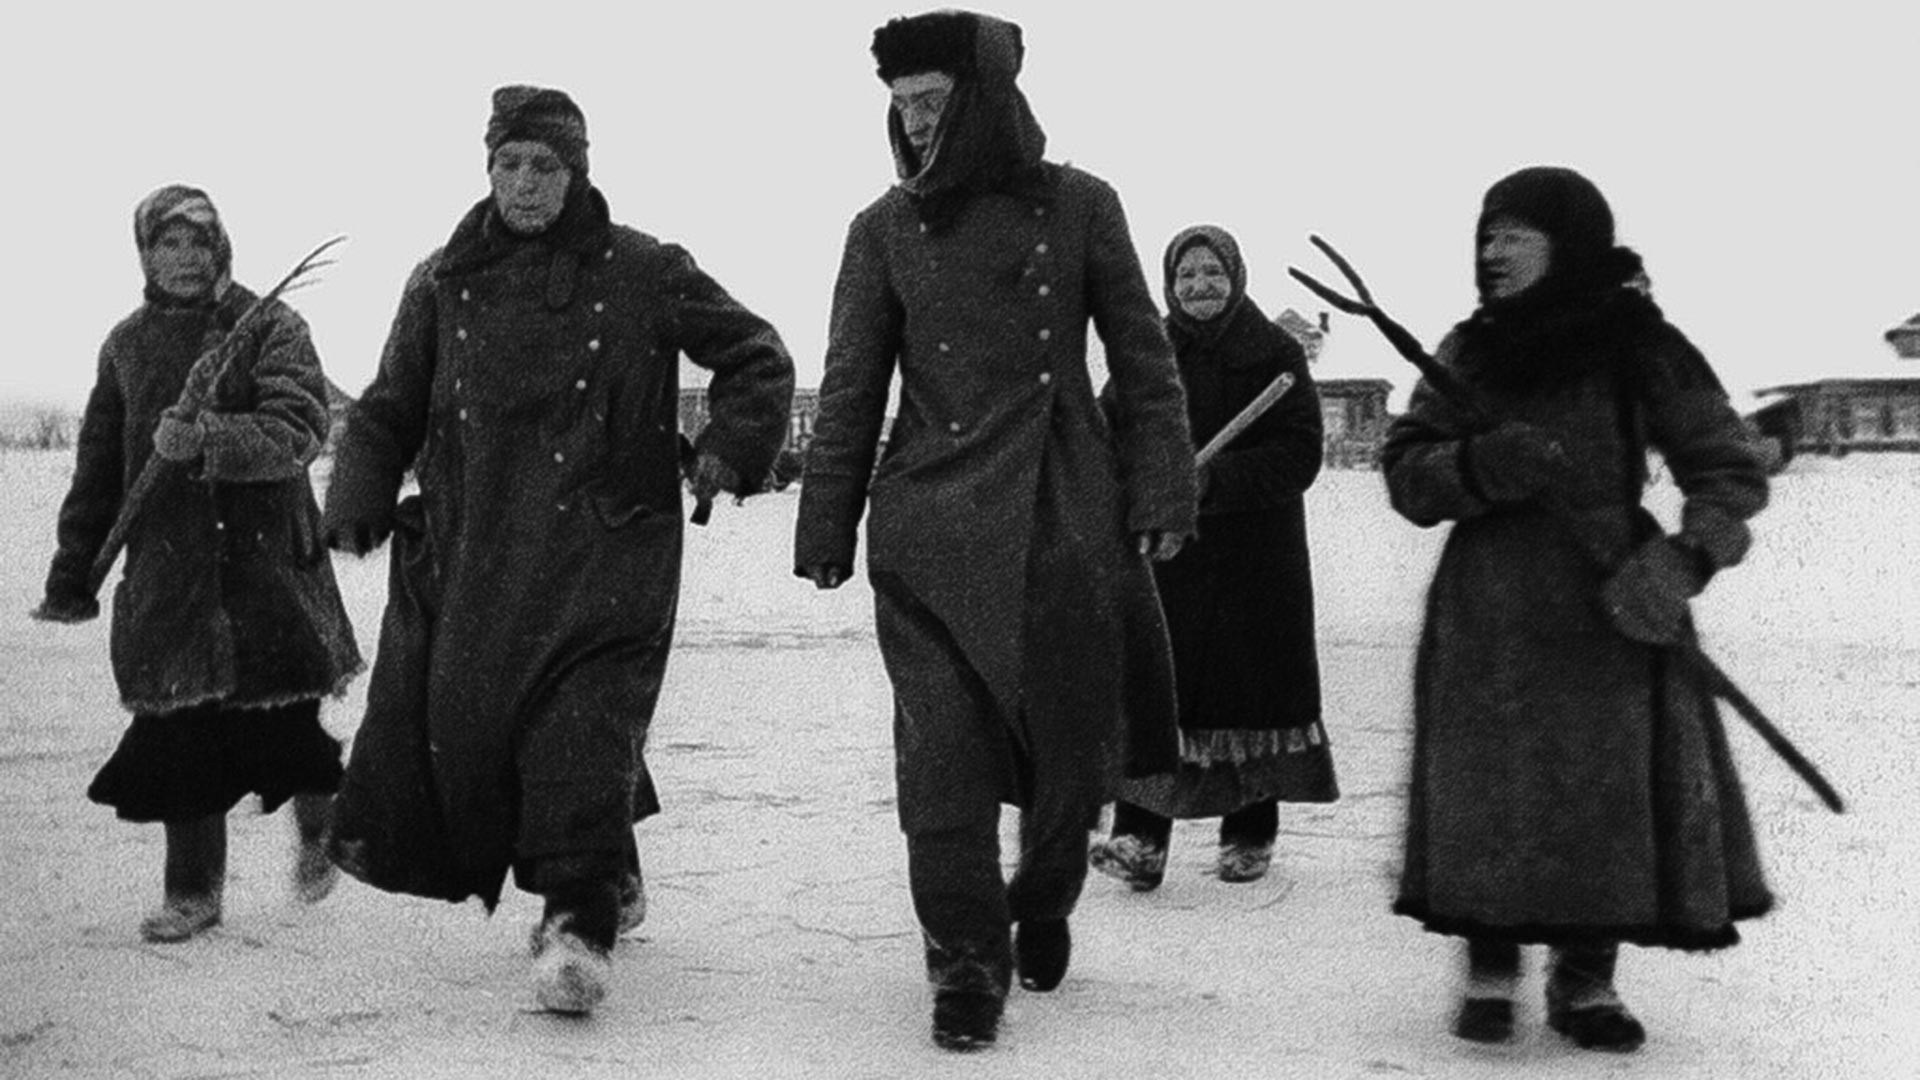 Žene u pratnji zarobljenih fašista. Nijemci su kod Moskve bili potučeni do nogu.